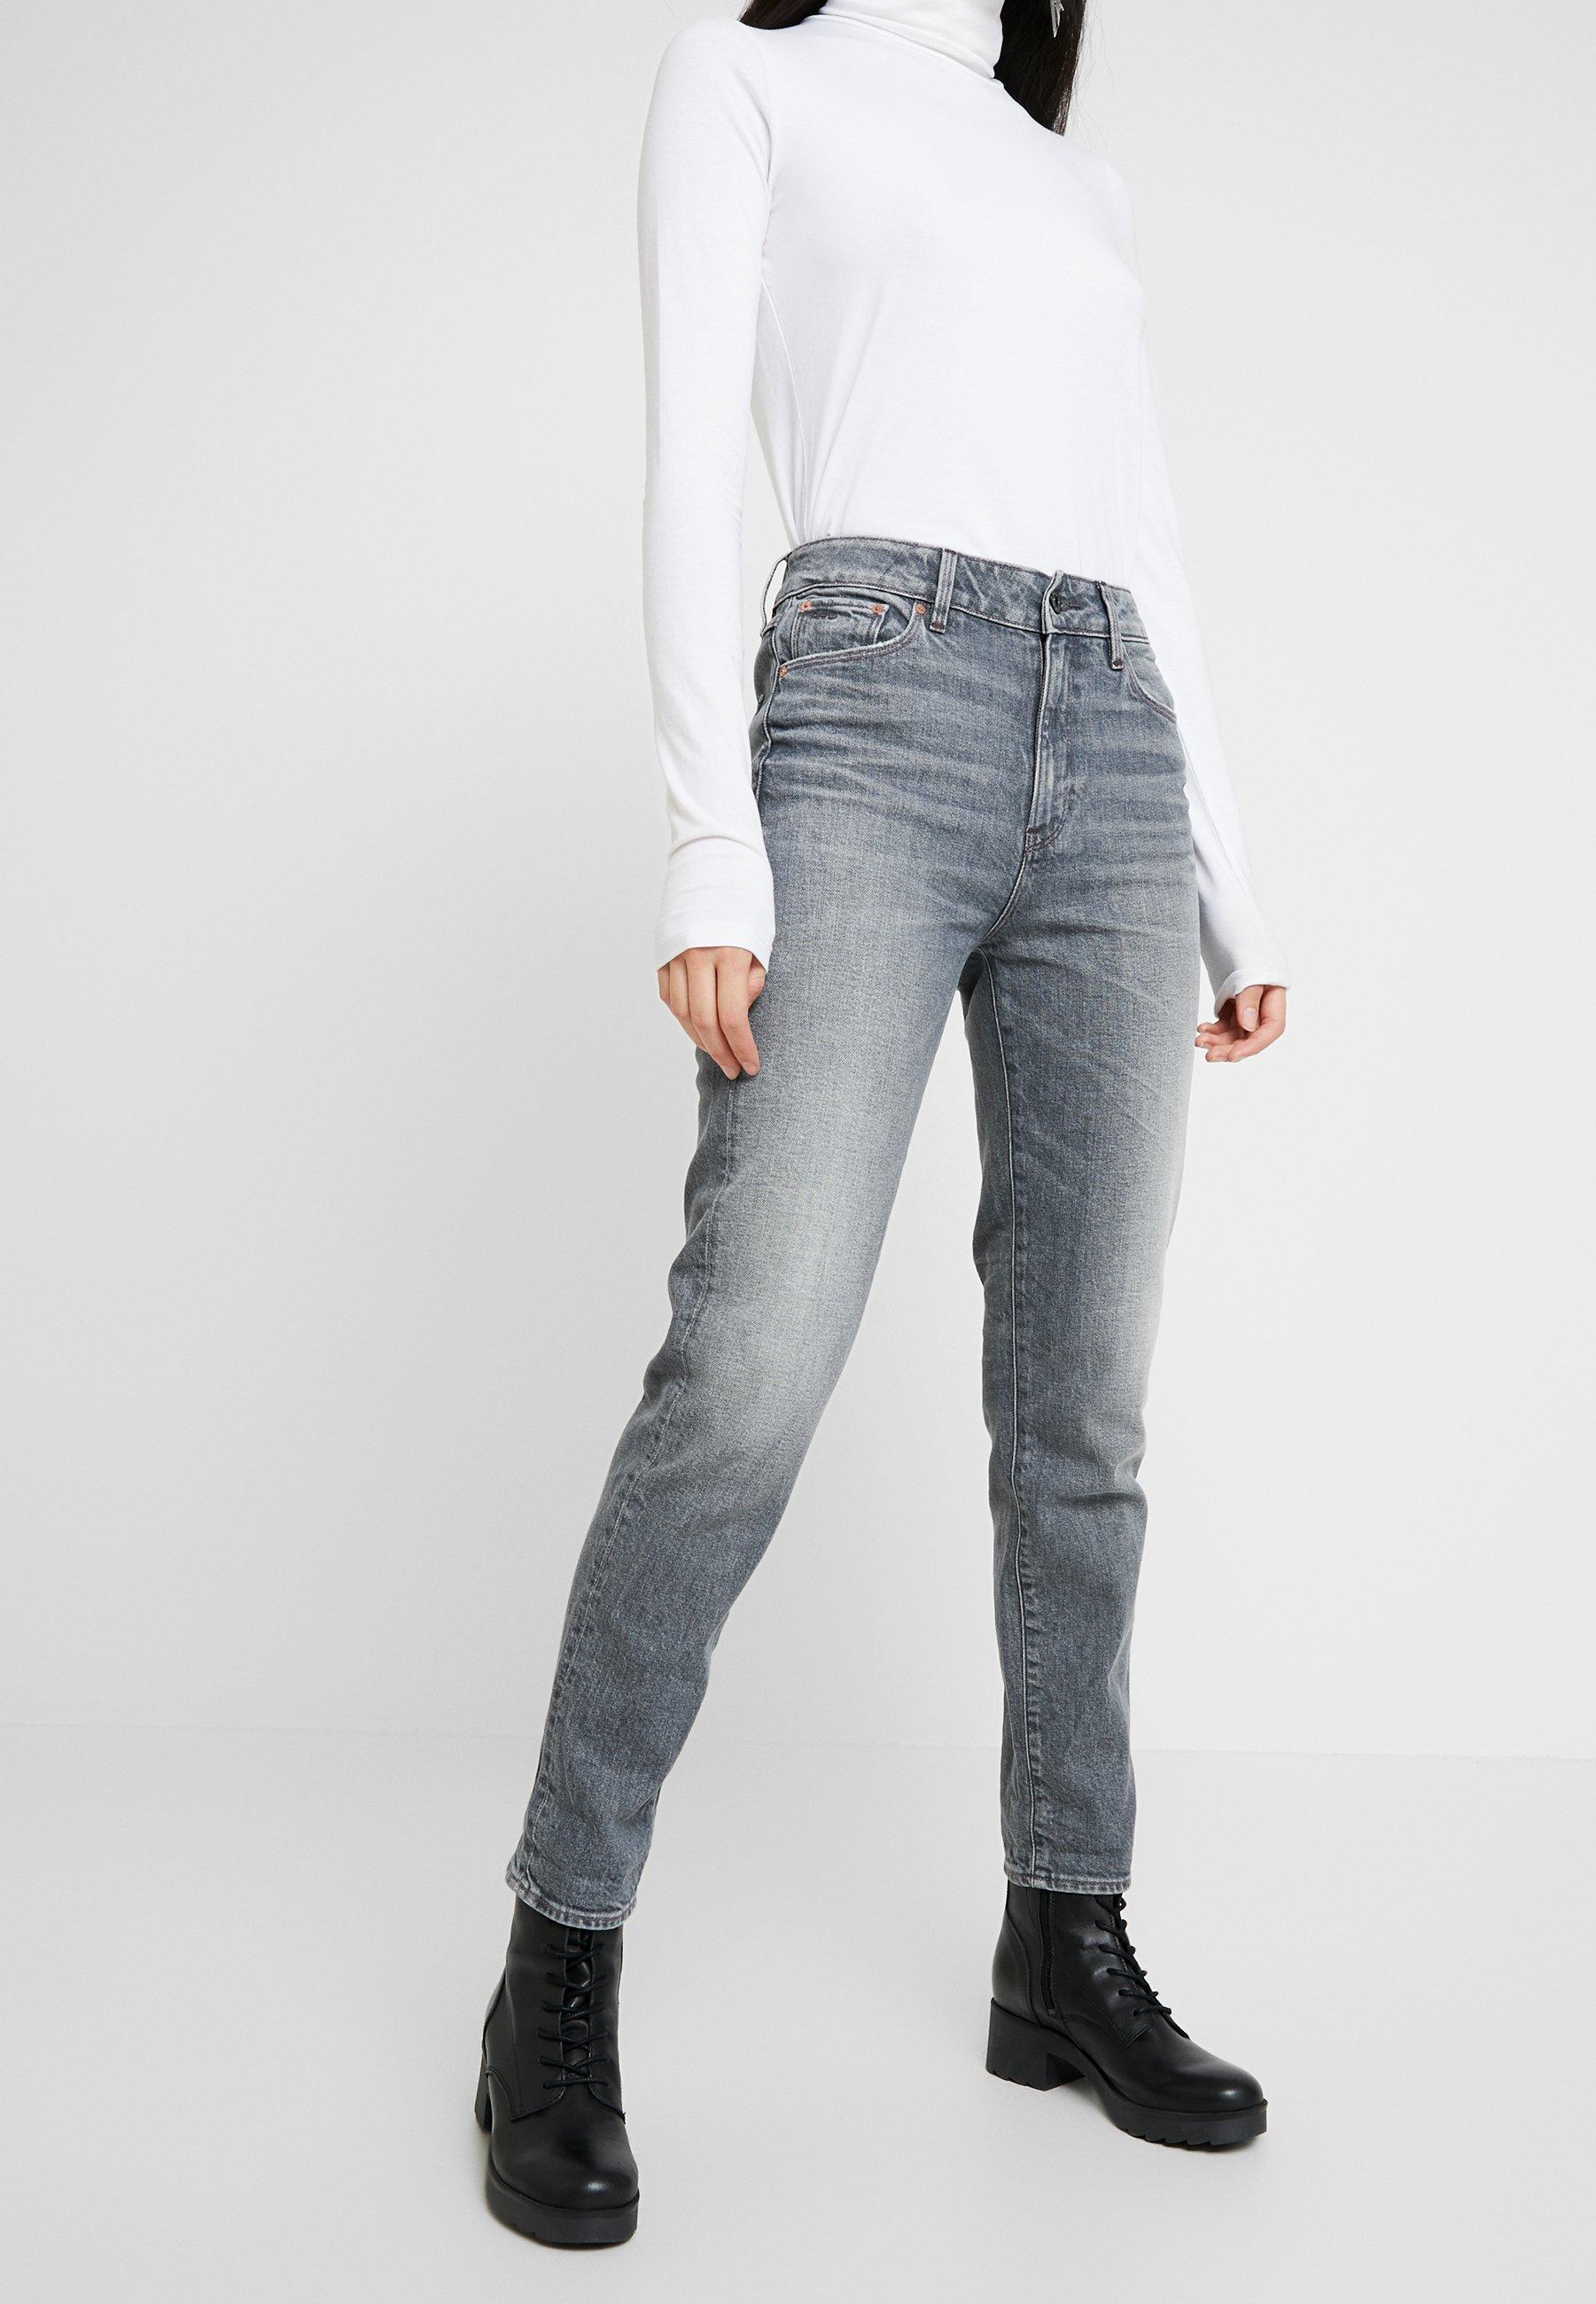 G star Sigaretta Faded 3301 A Grey High Straight 90sJeans Pebble 4c5qARj3L